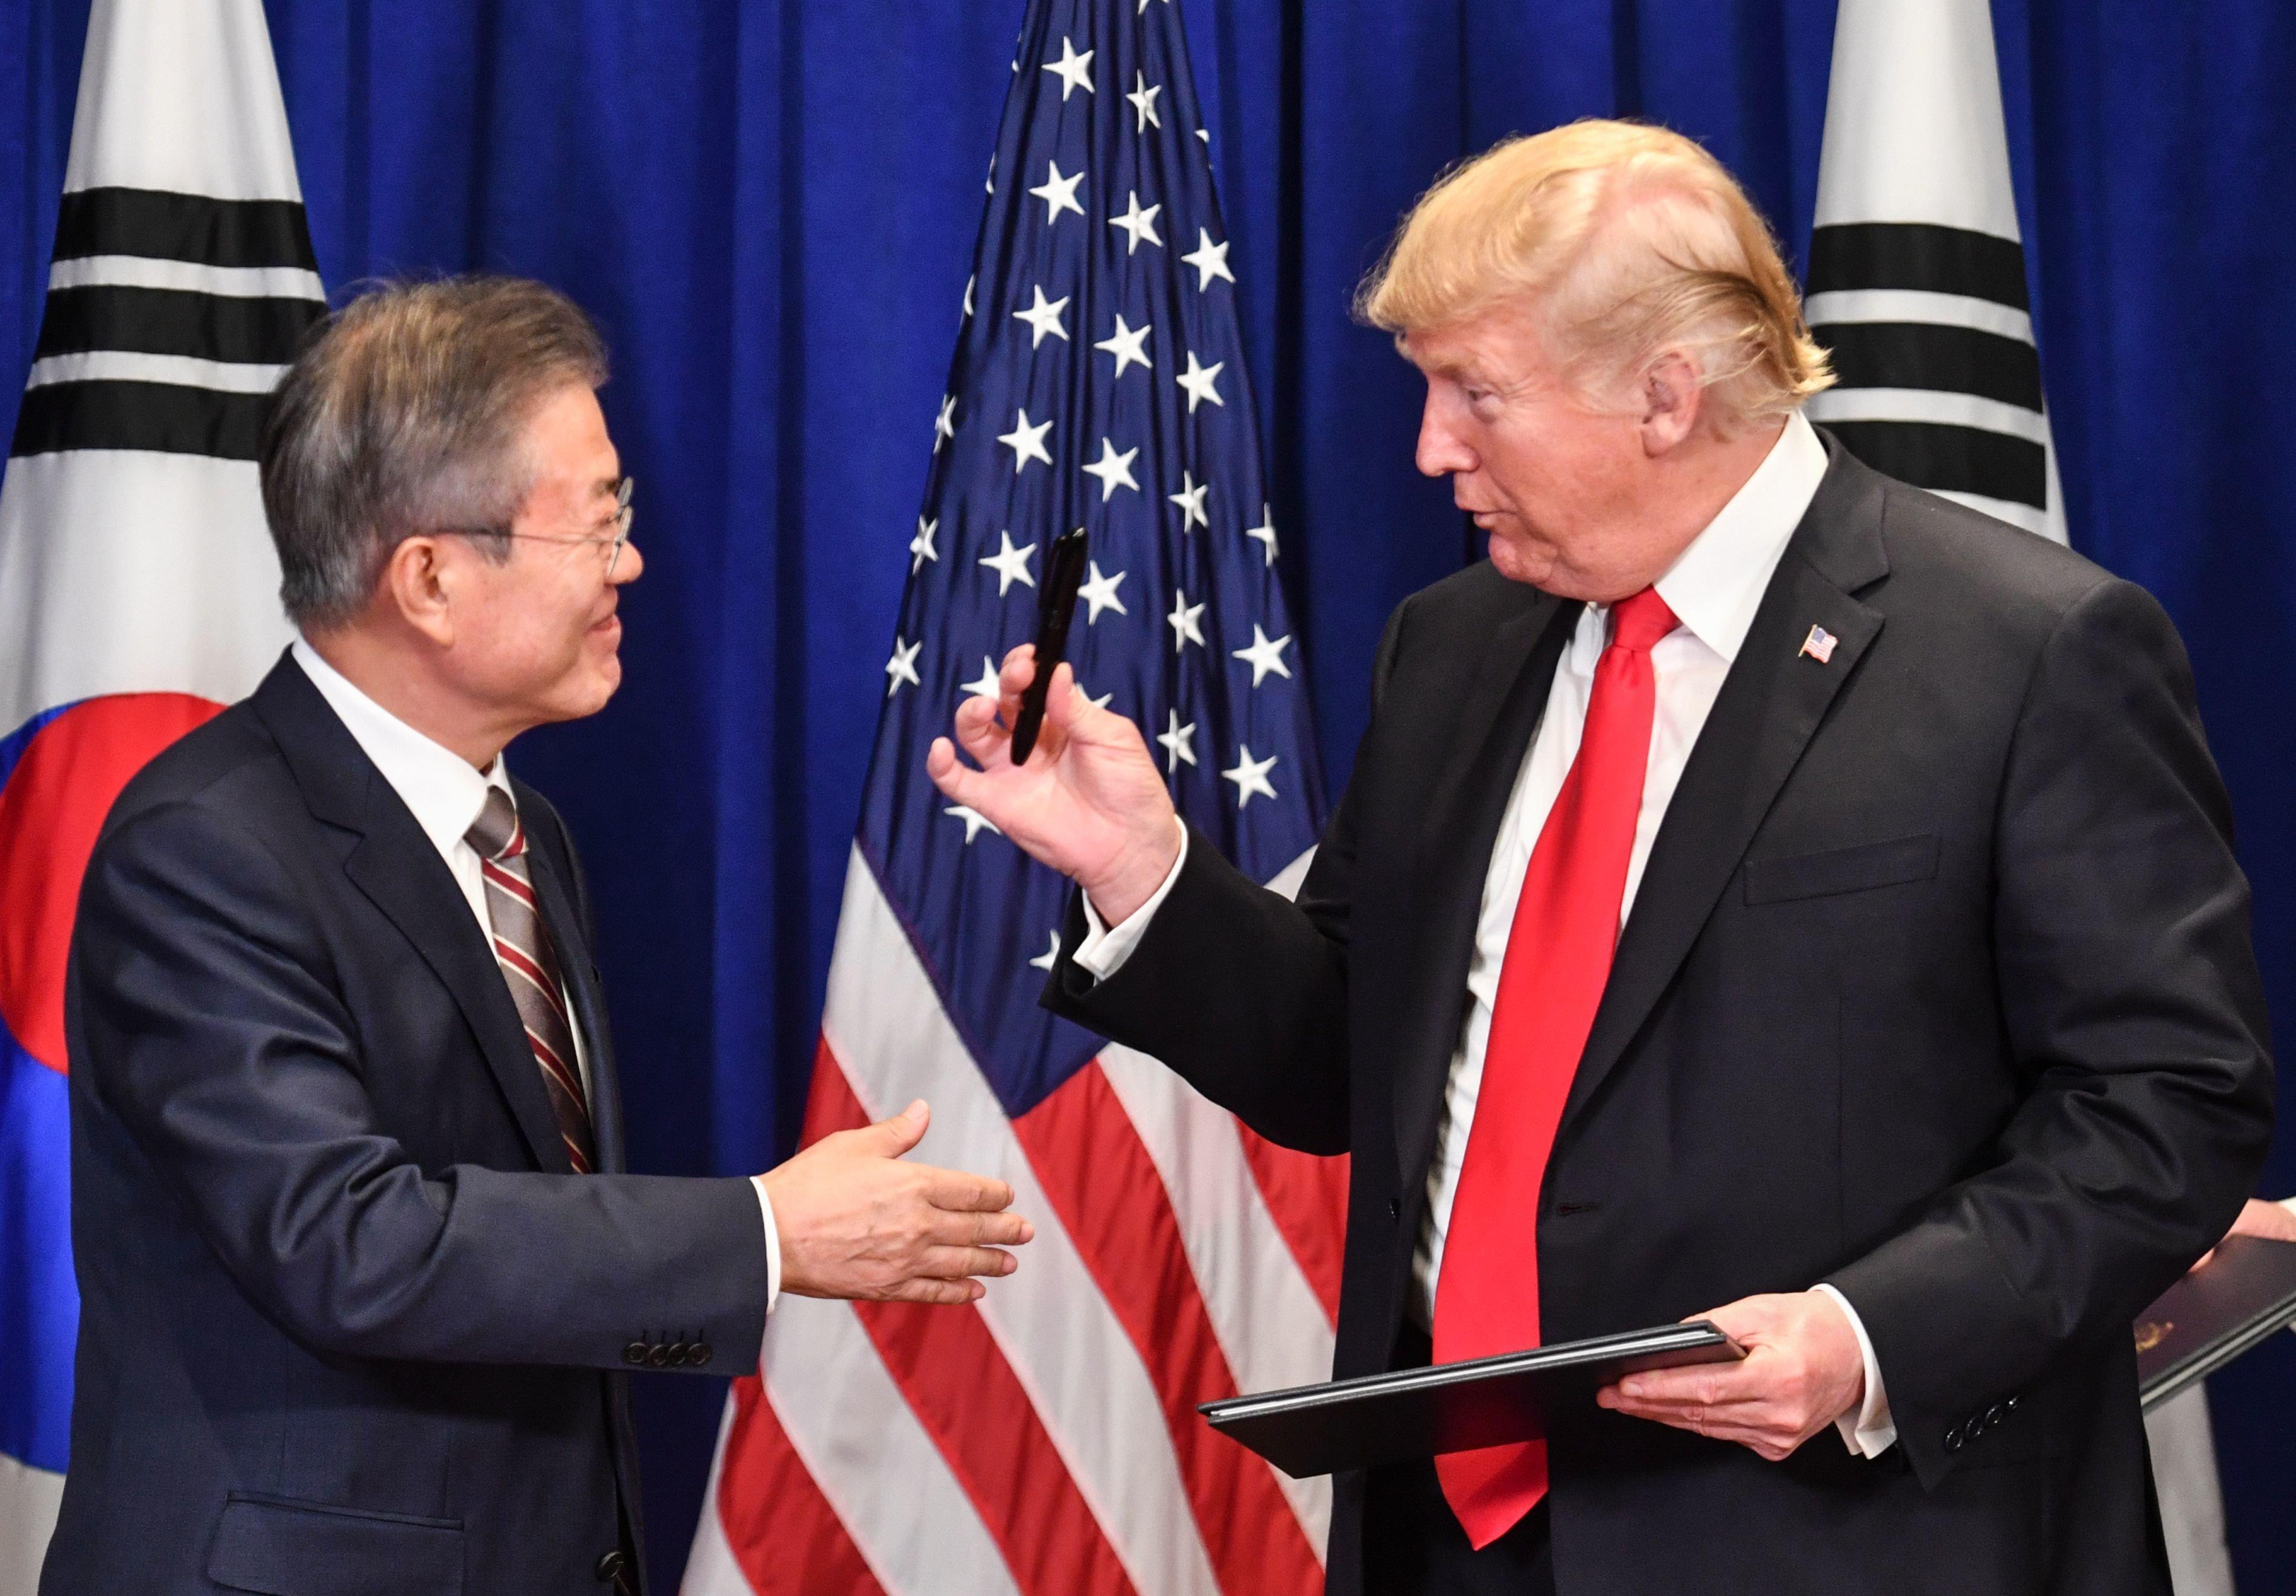 미국이 방위비 분담금 협정 협상에서 한국을 거세게 압박하고